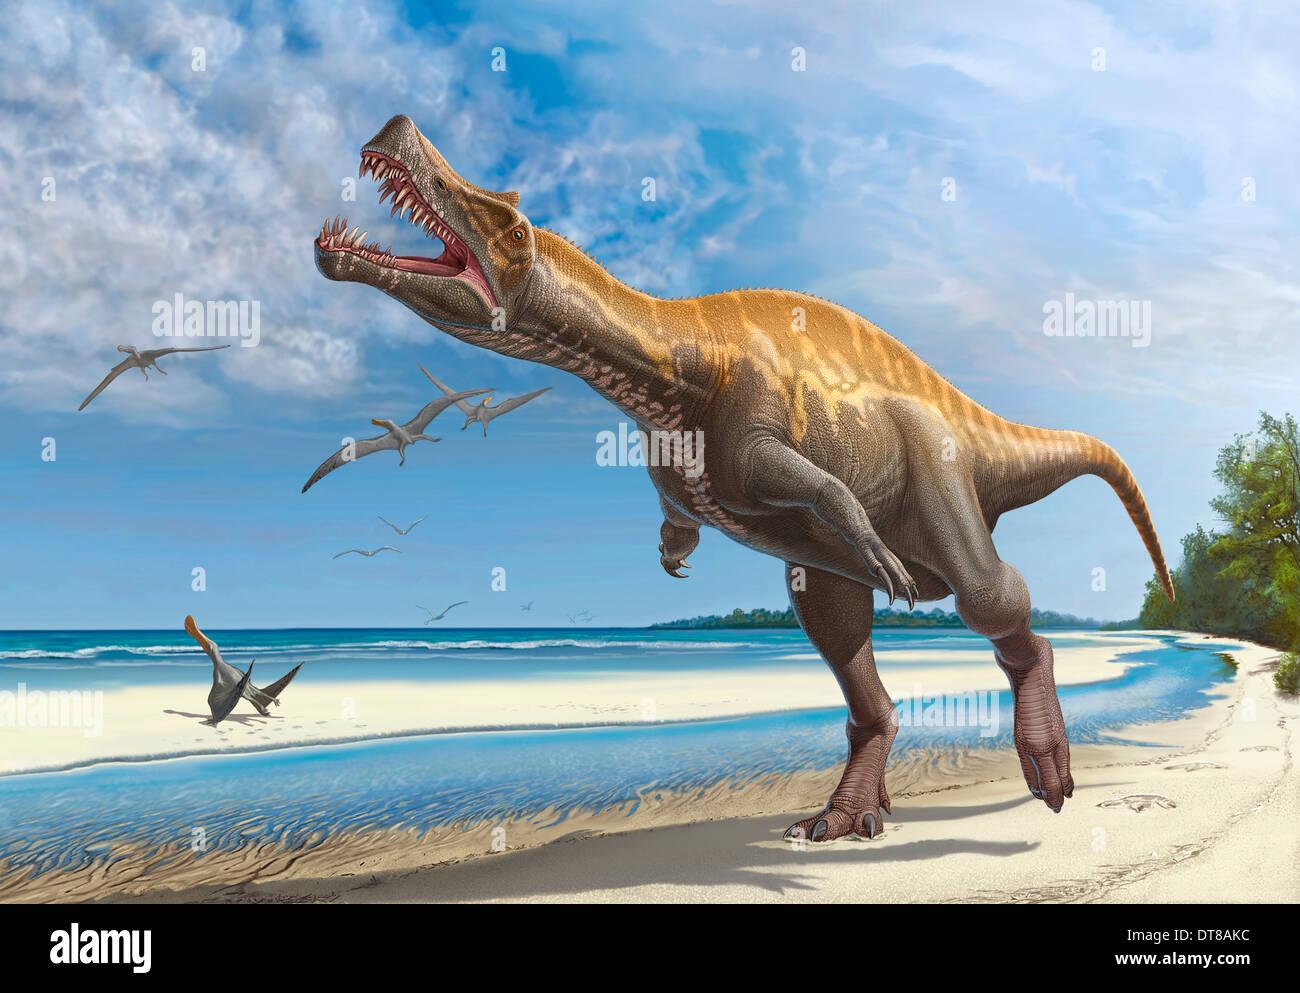 Irritator challengeri lets out a loud roar while walking along a Cretaceous shoreline. - Stock Image